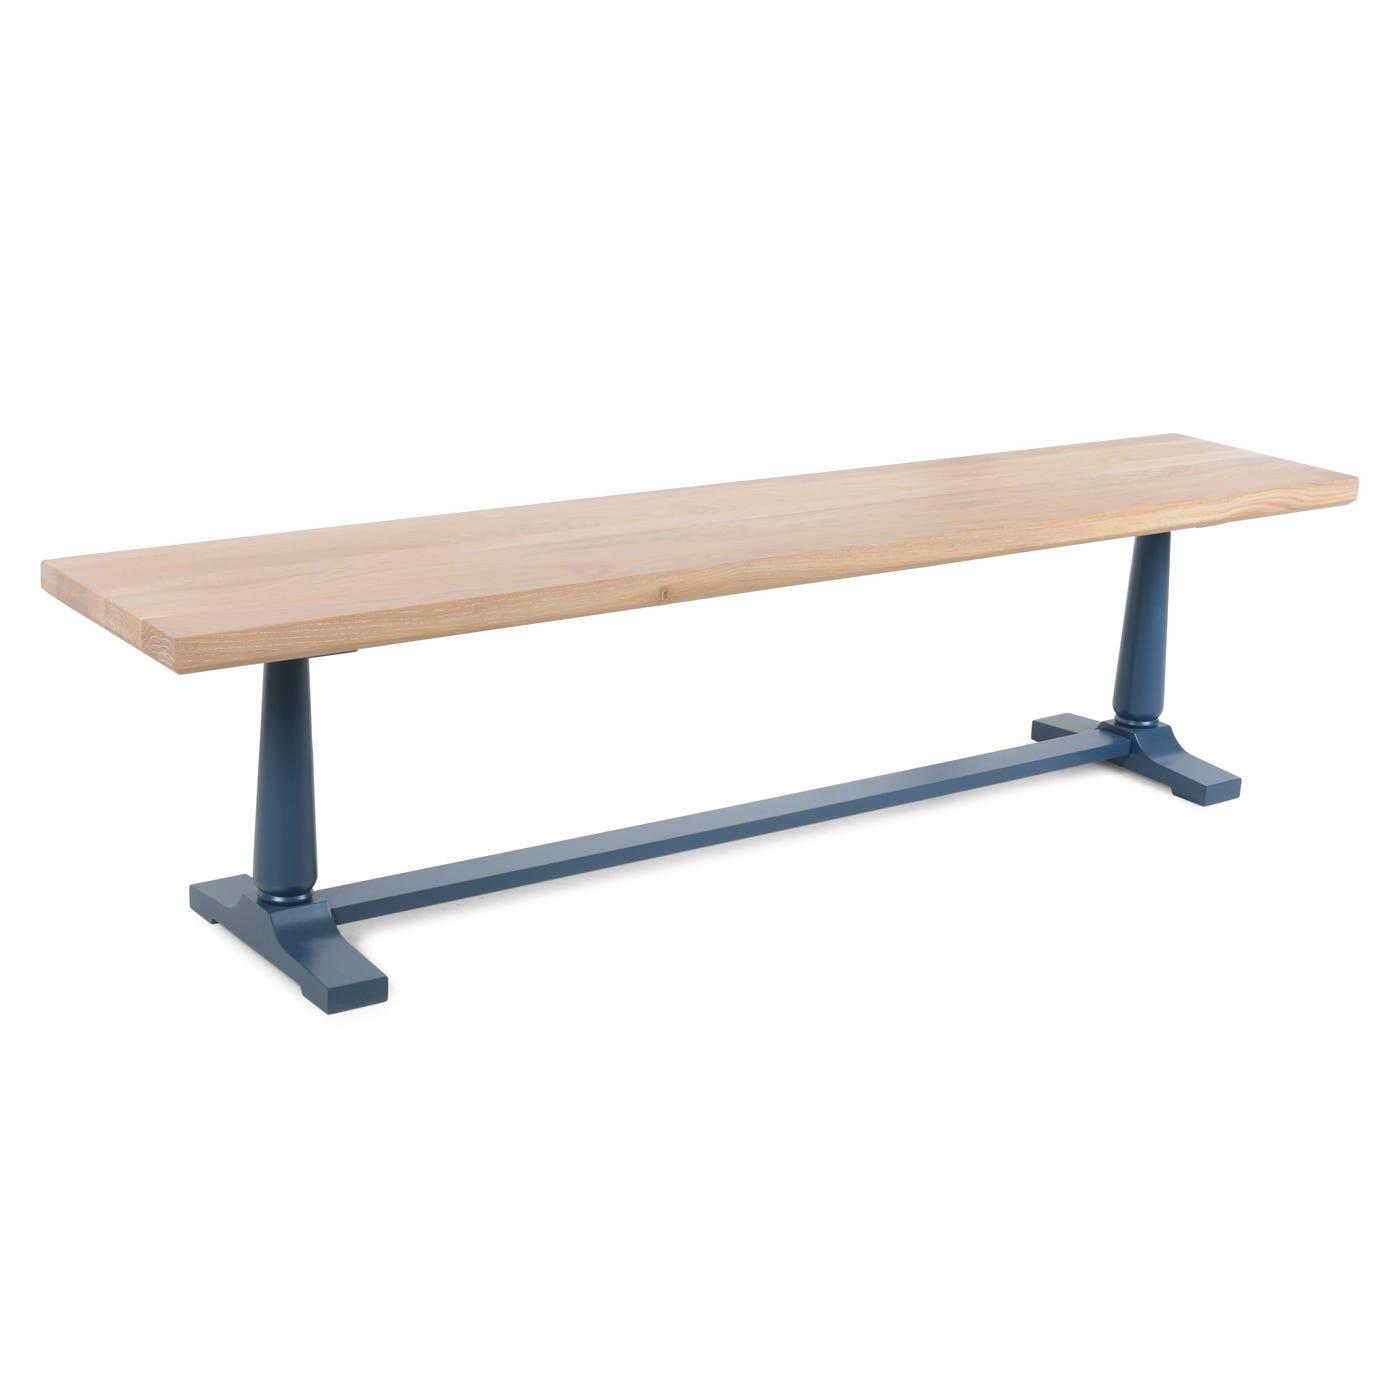 Pinner Bench